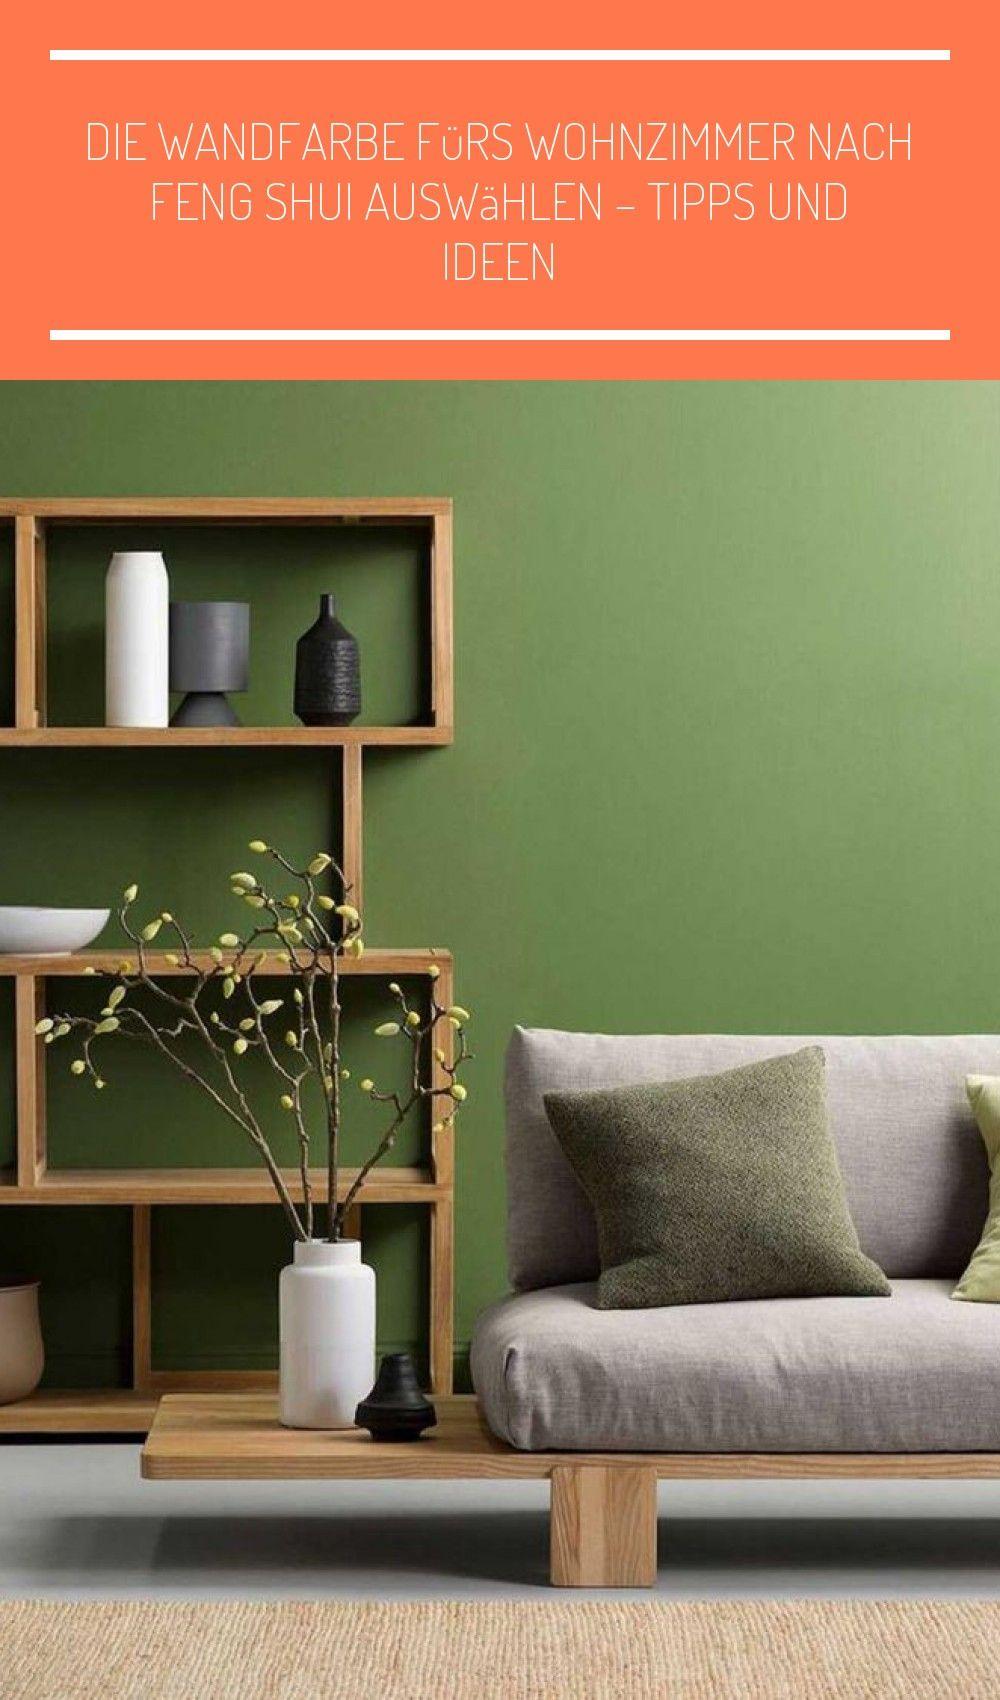 die wandfarbe fürs wohnzimmer | feng shui, home decor, body